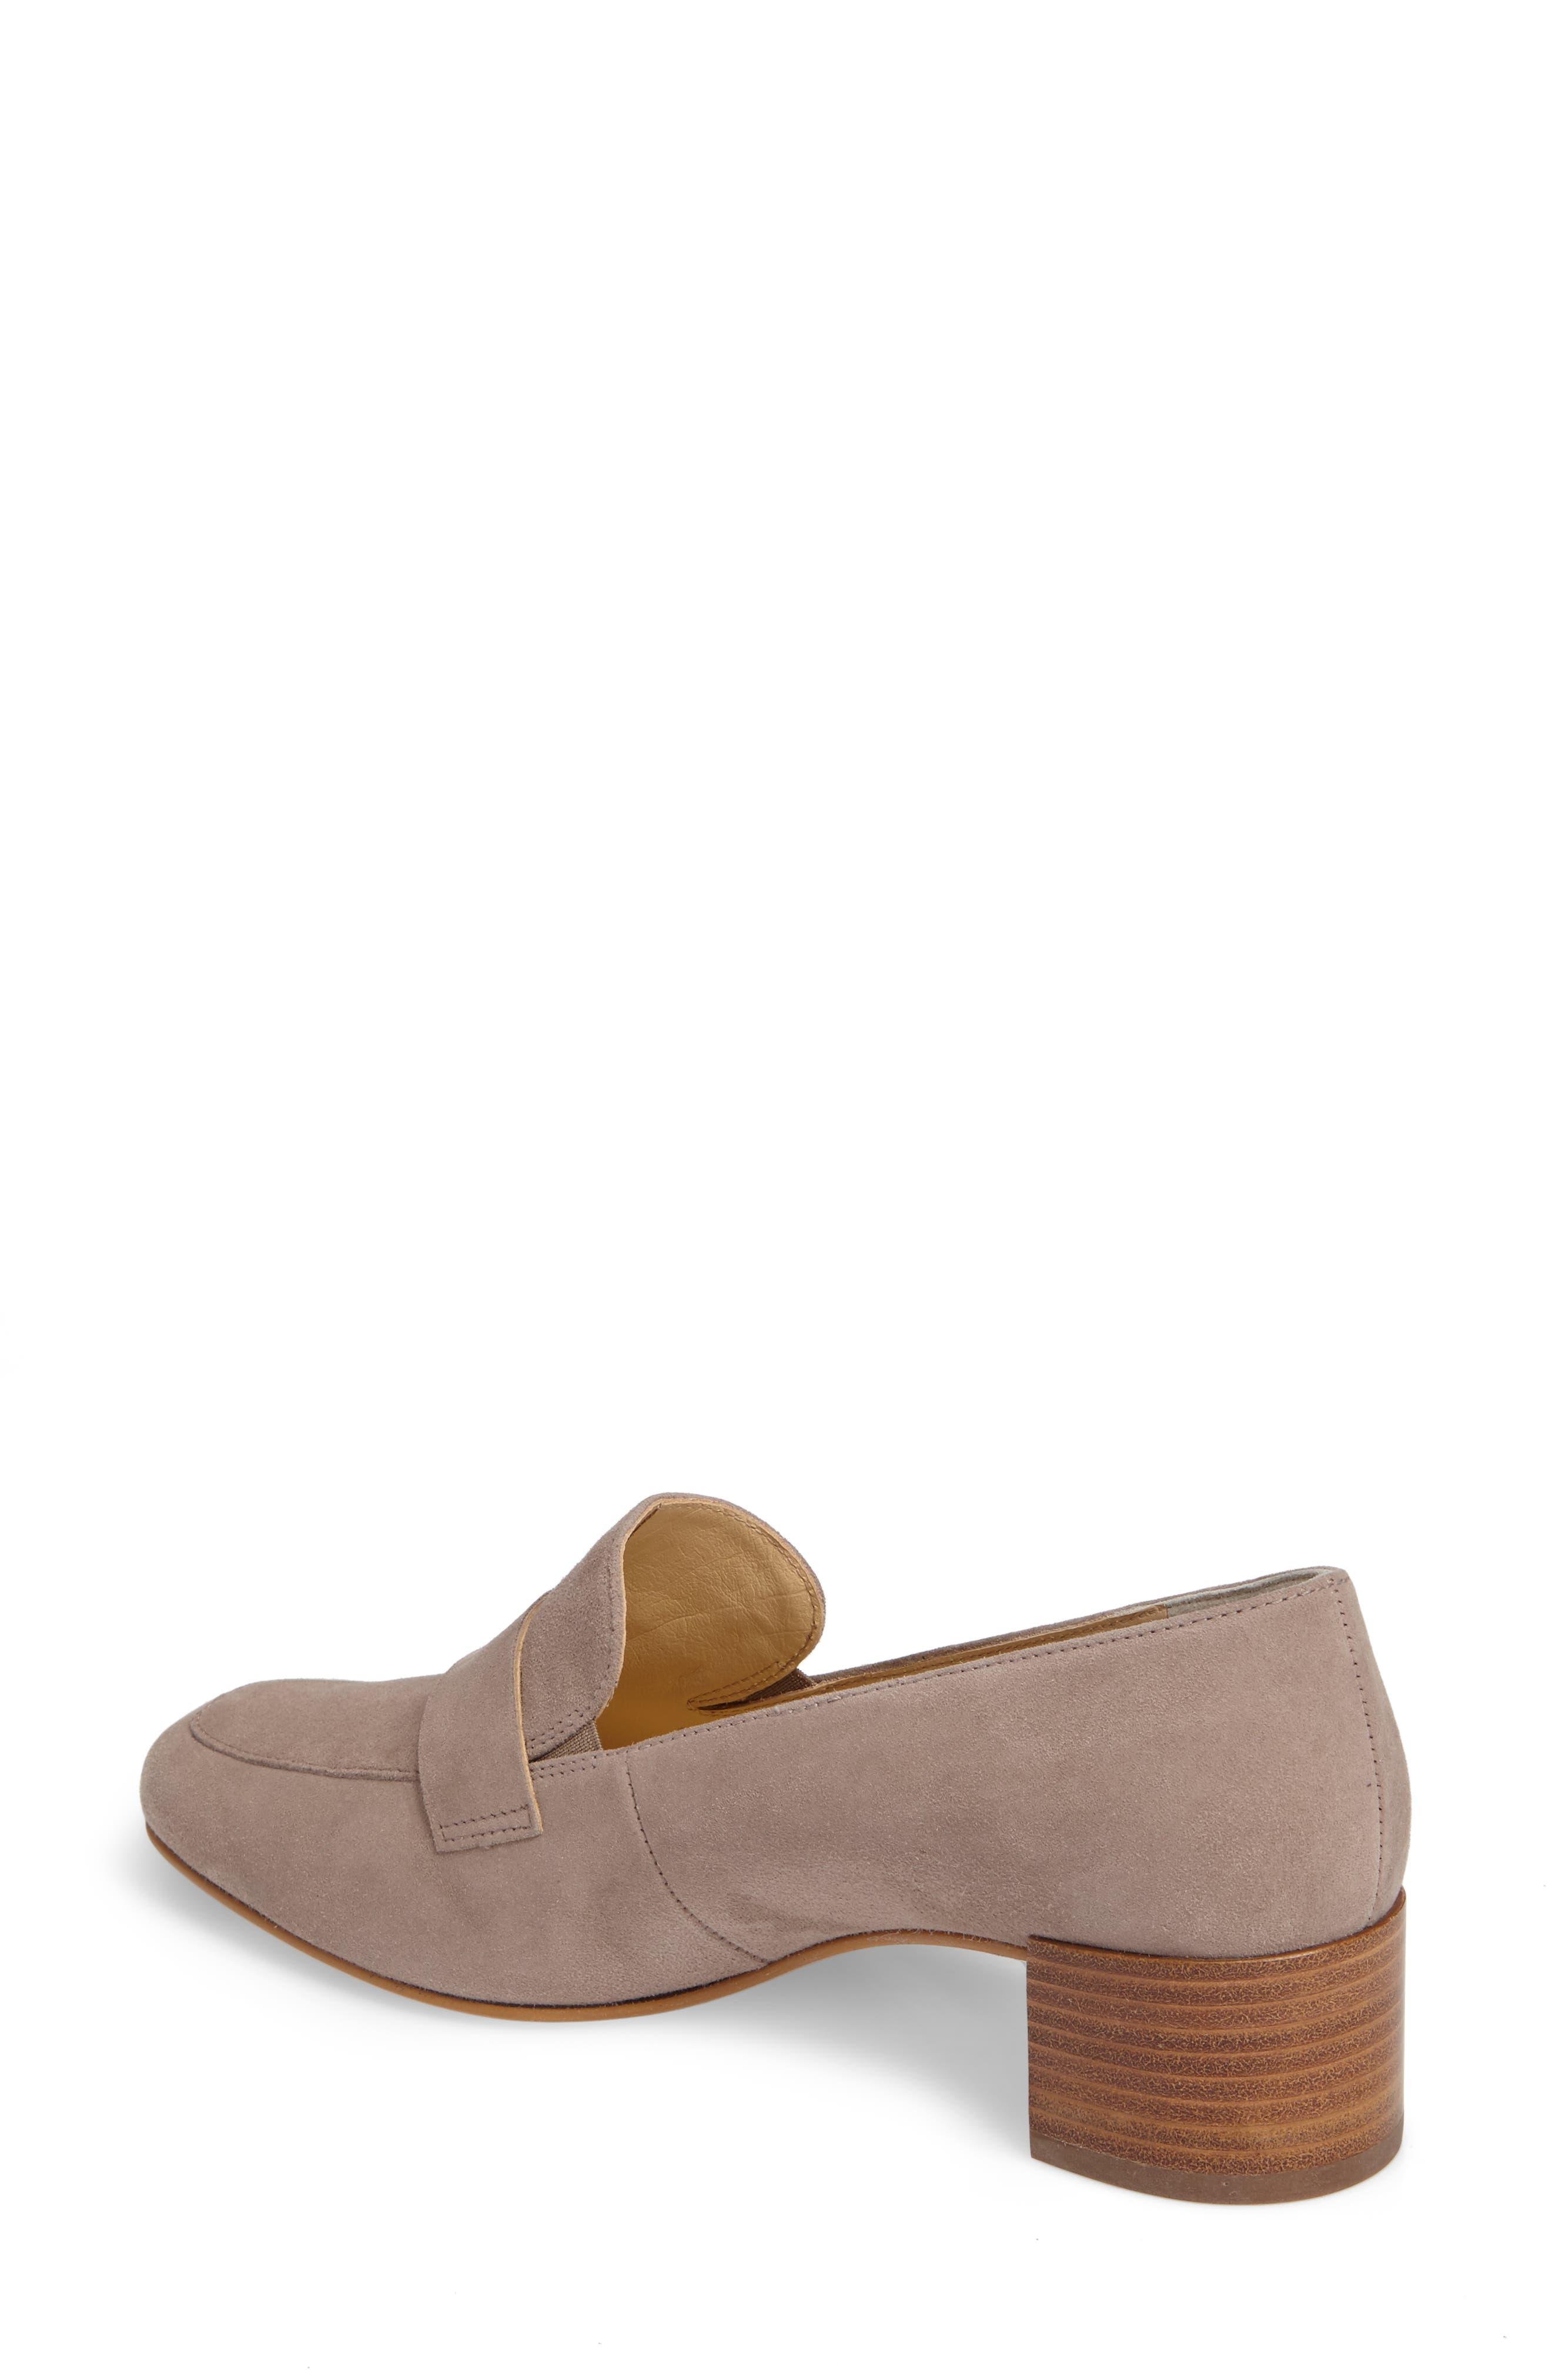 Alternate Image 2  - Paul Green Oscar Block Heel Loafer (Women)